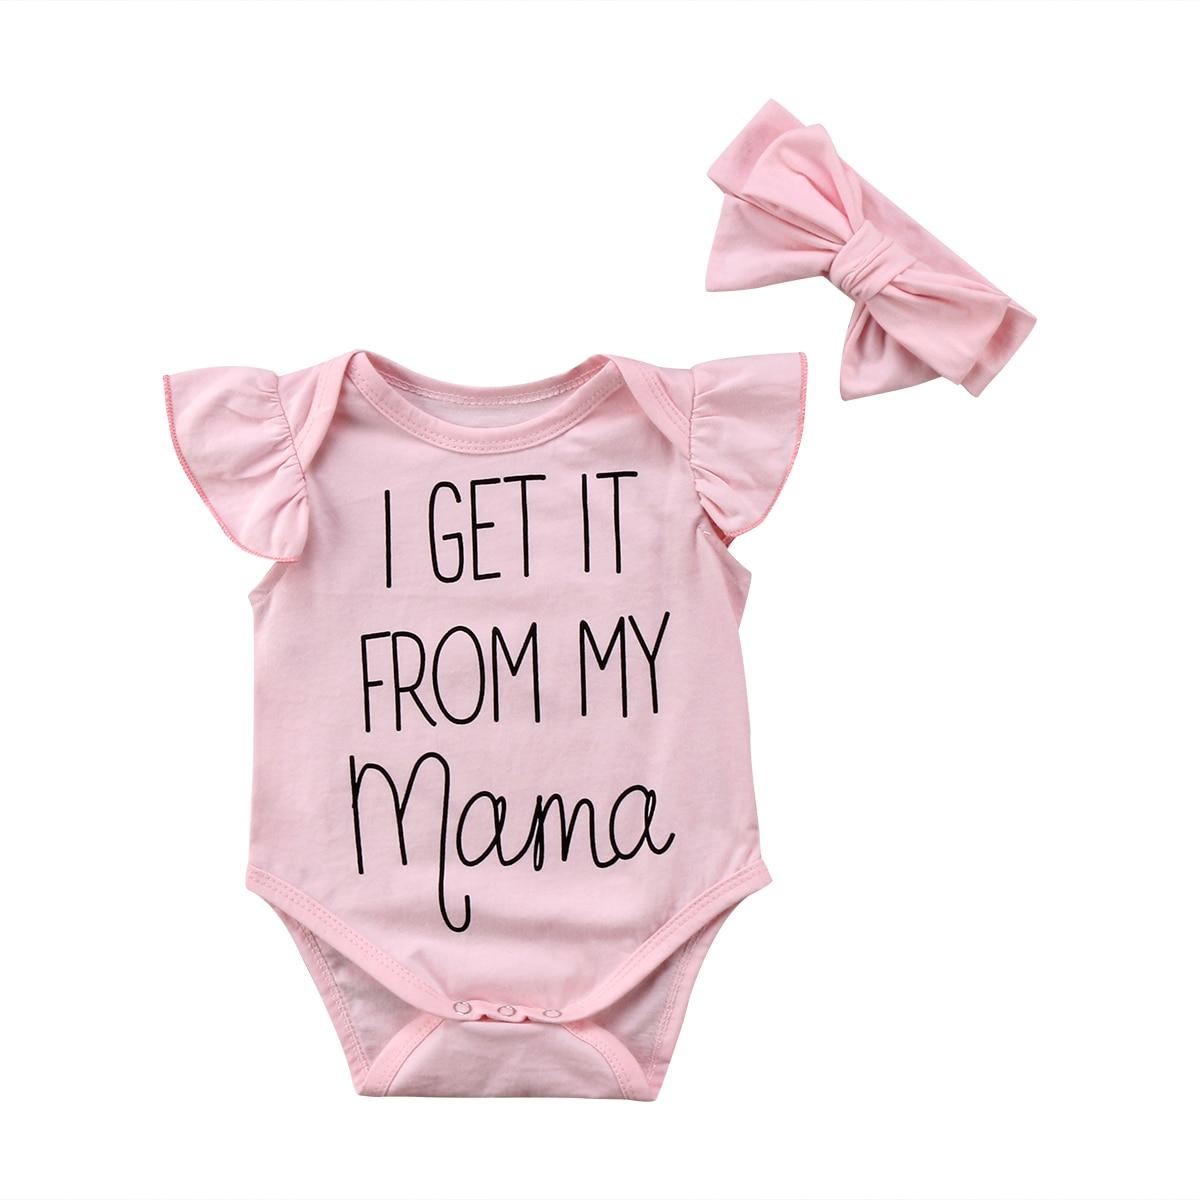 2 Stücke Nette Neugeborene Baby Mädchen Kleidung Fly Sleeve Brief Drucken Baumwolle Romper Overall Stirnband Outfits Baby Kleidung